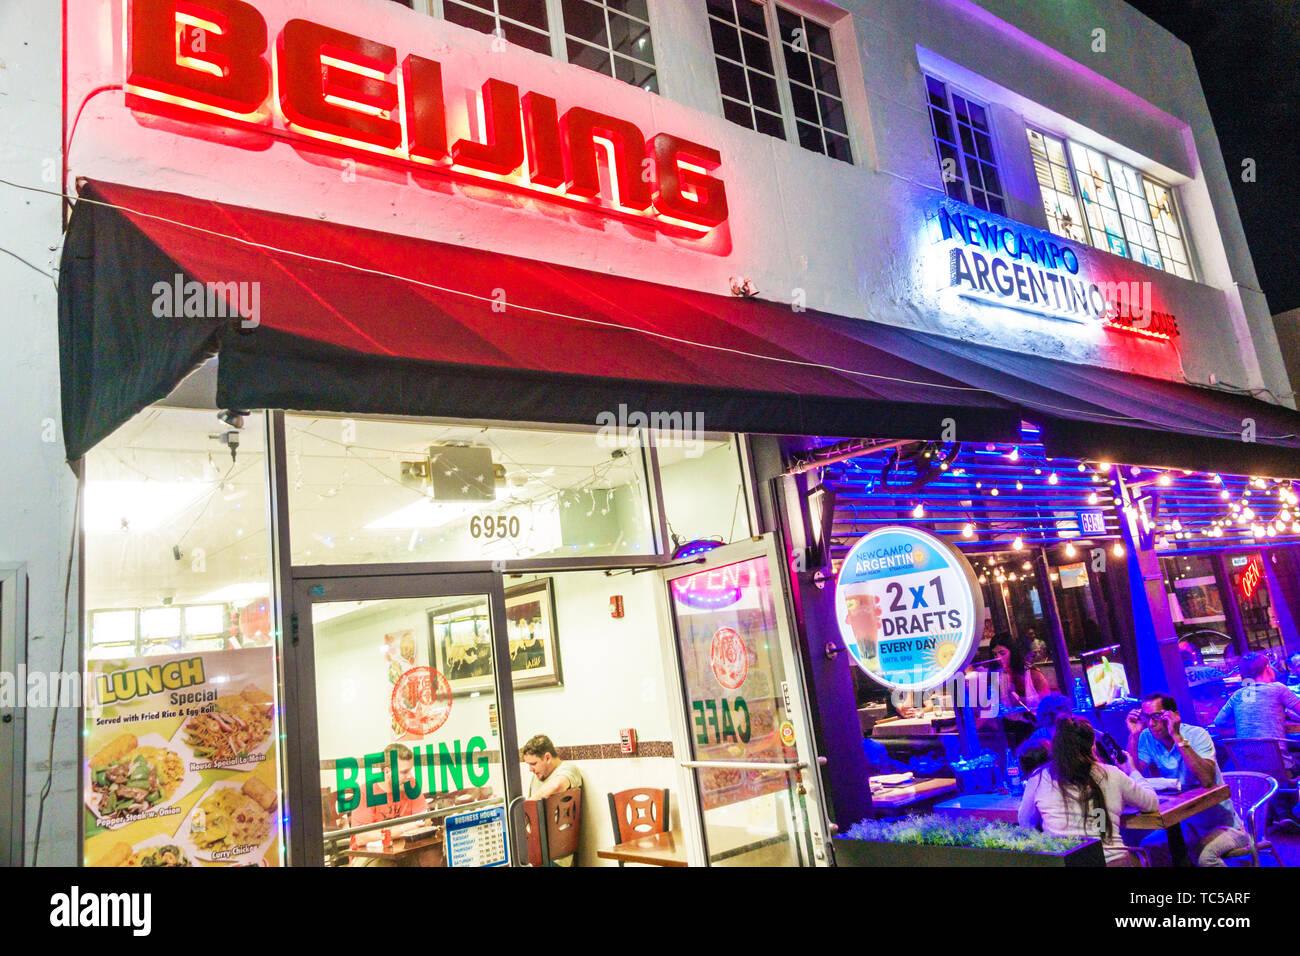 Miami Beach Florida North Beach Collins Avenue Nuovo Campo Argentino Steakhouse concorrenti di Pechino ristoranti ristorante etnico cibo cinese Immagini Stock